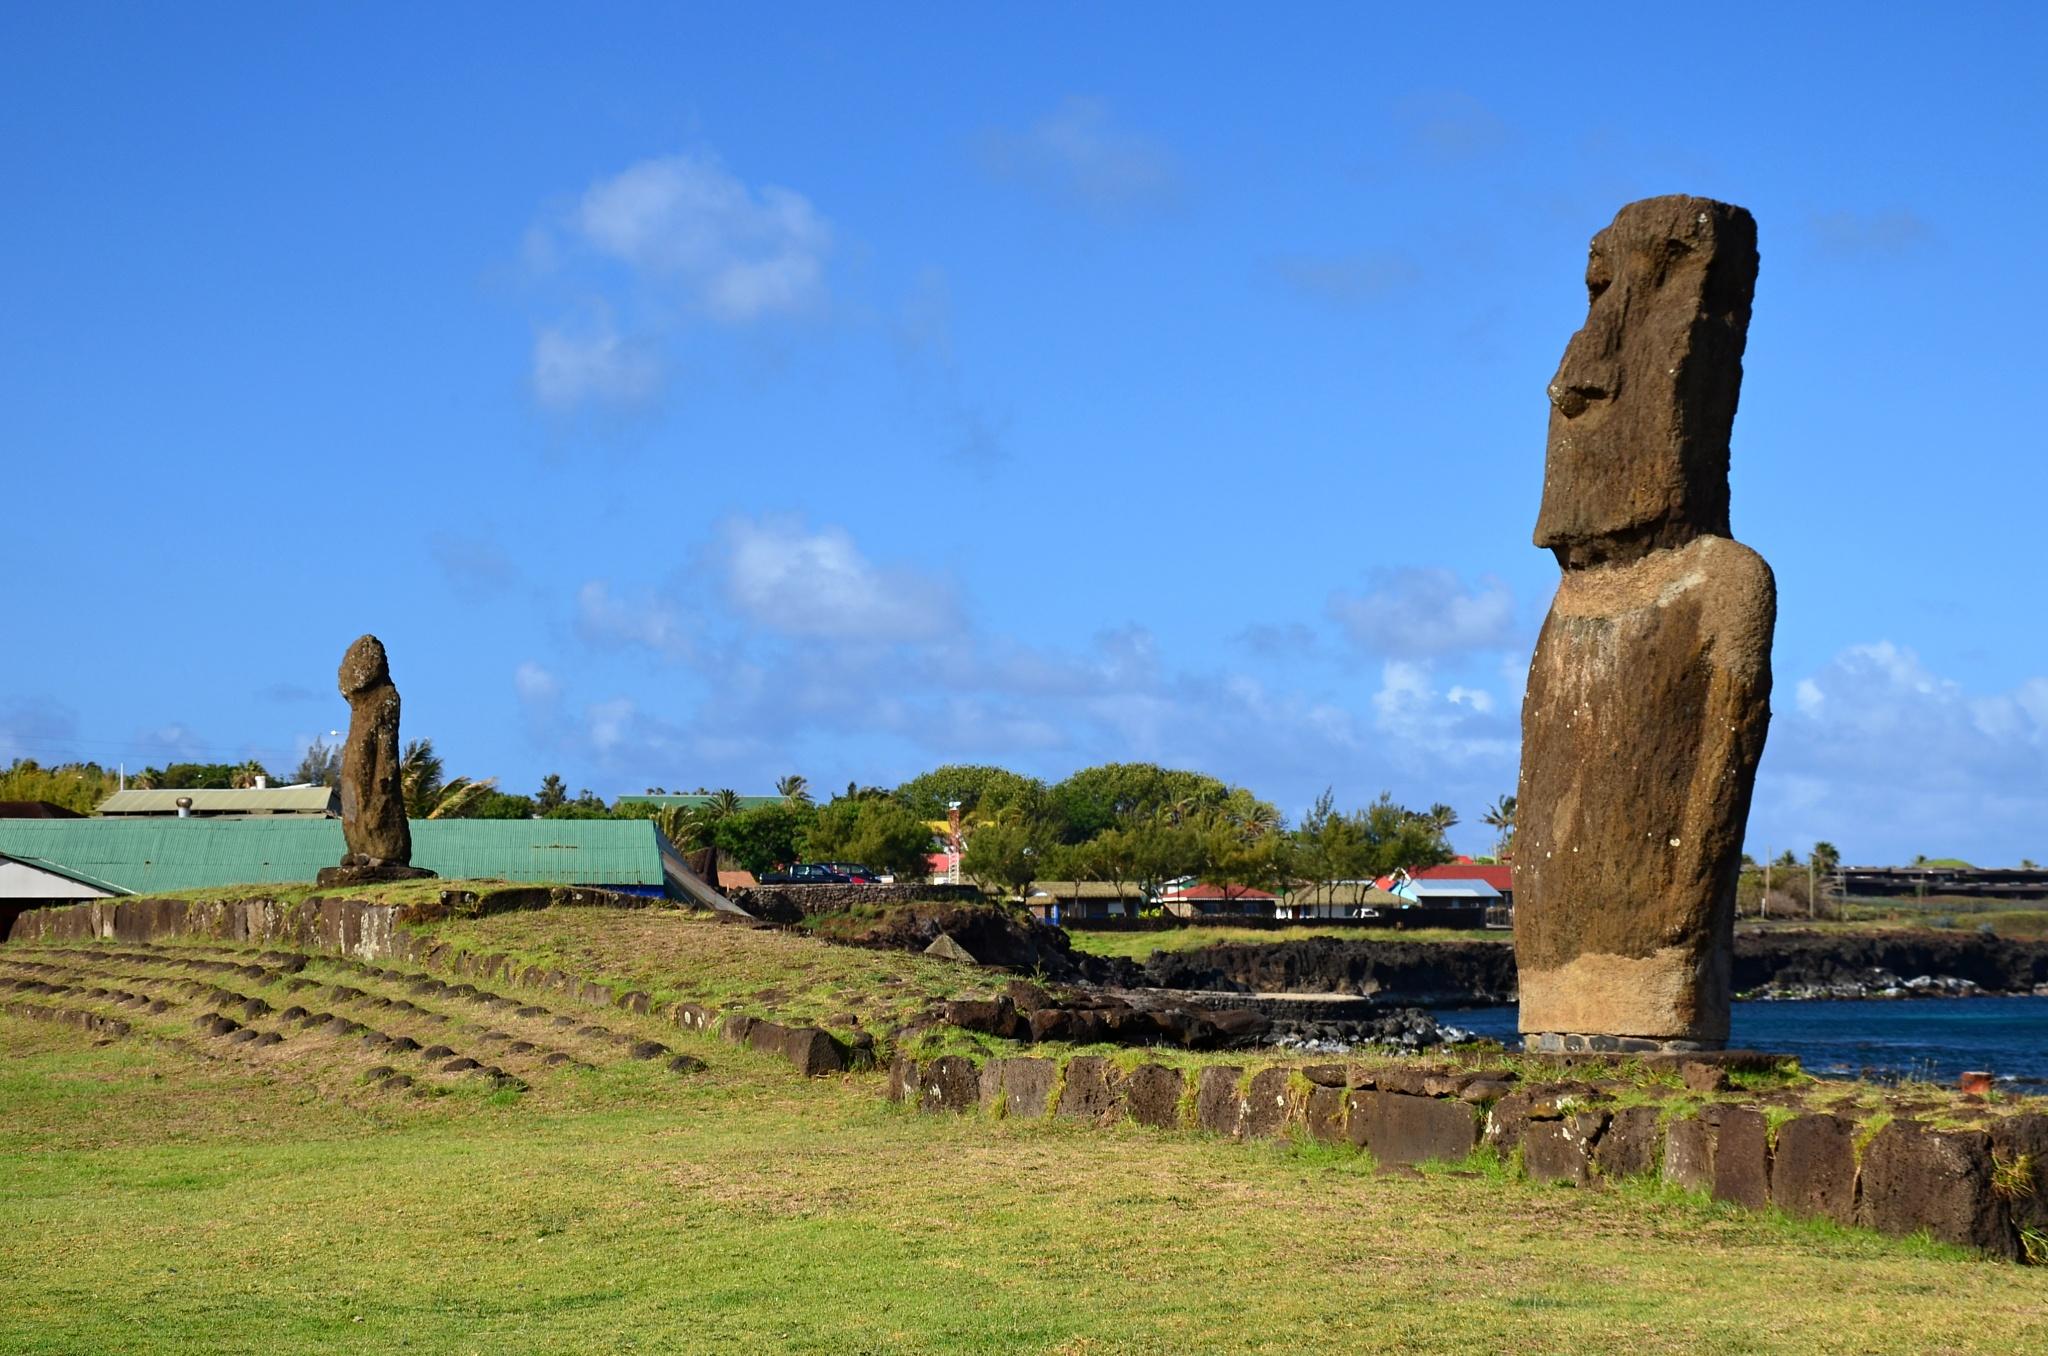 Oba dva městská Moai na jedné fotce